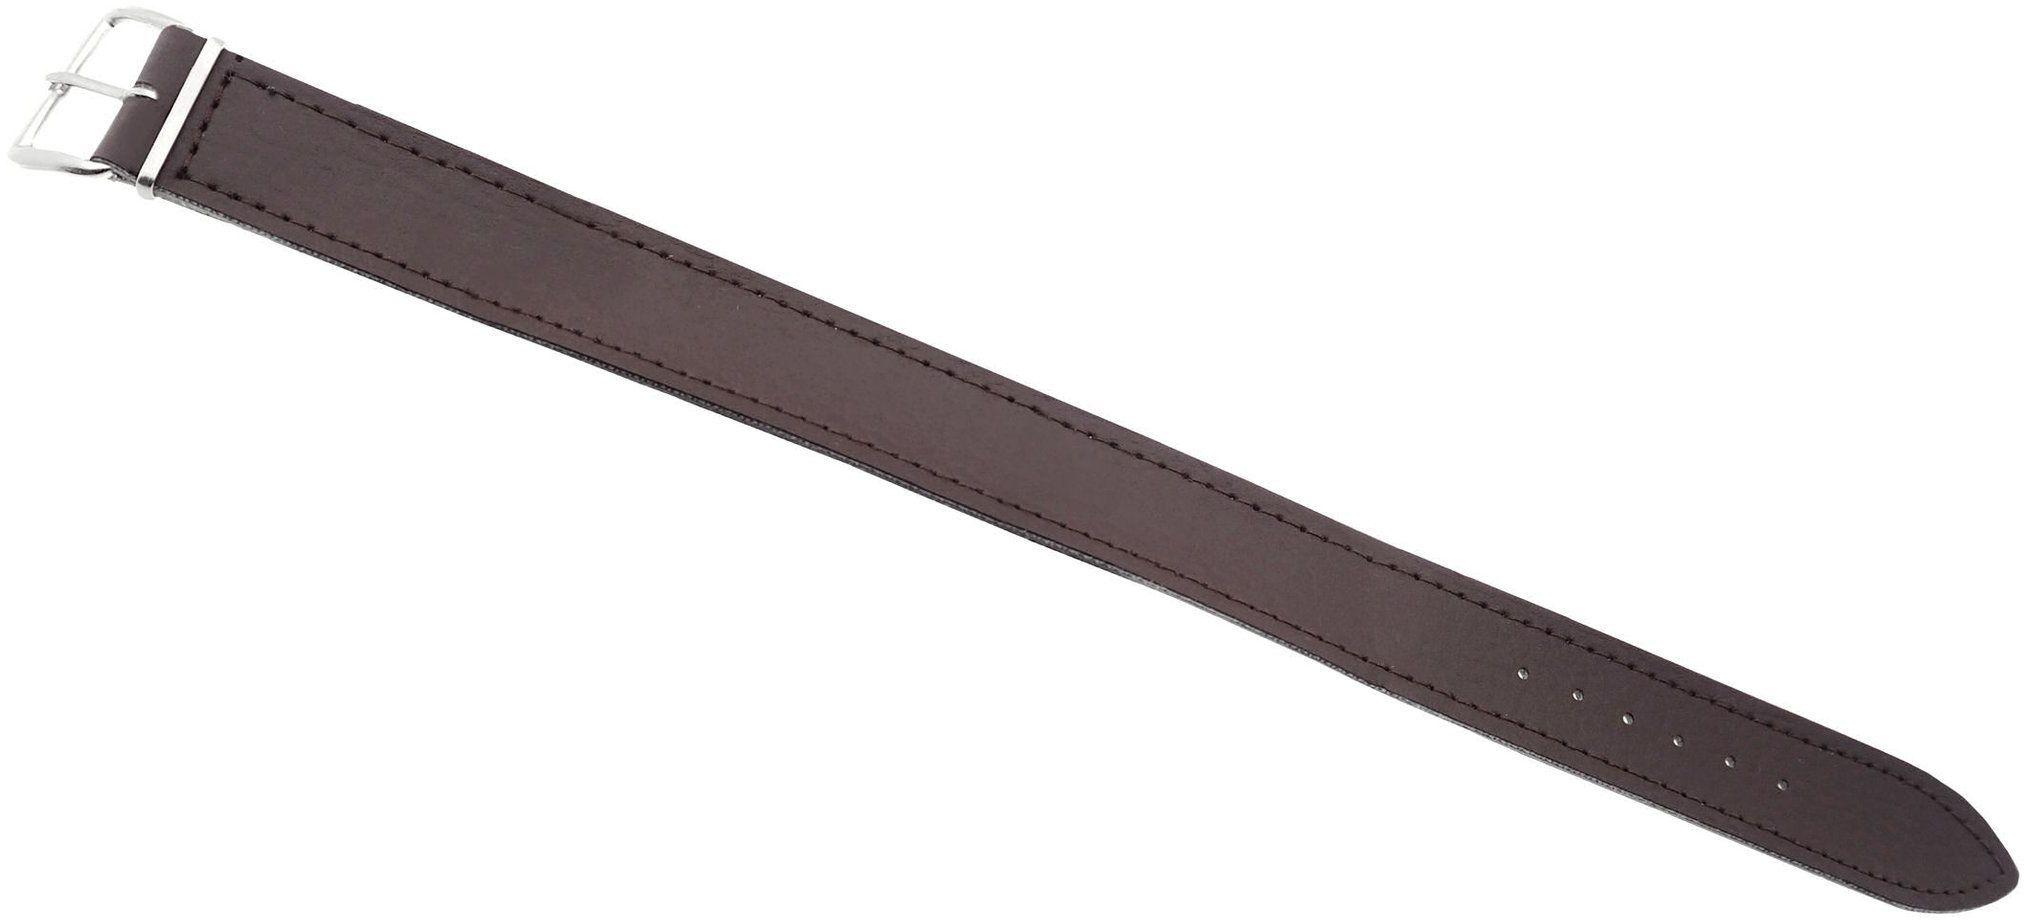 Skórzany pasek przeciągany do zegarka 12 mm brązowy